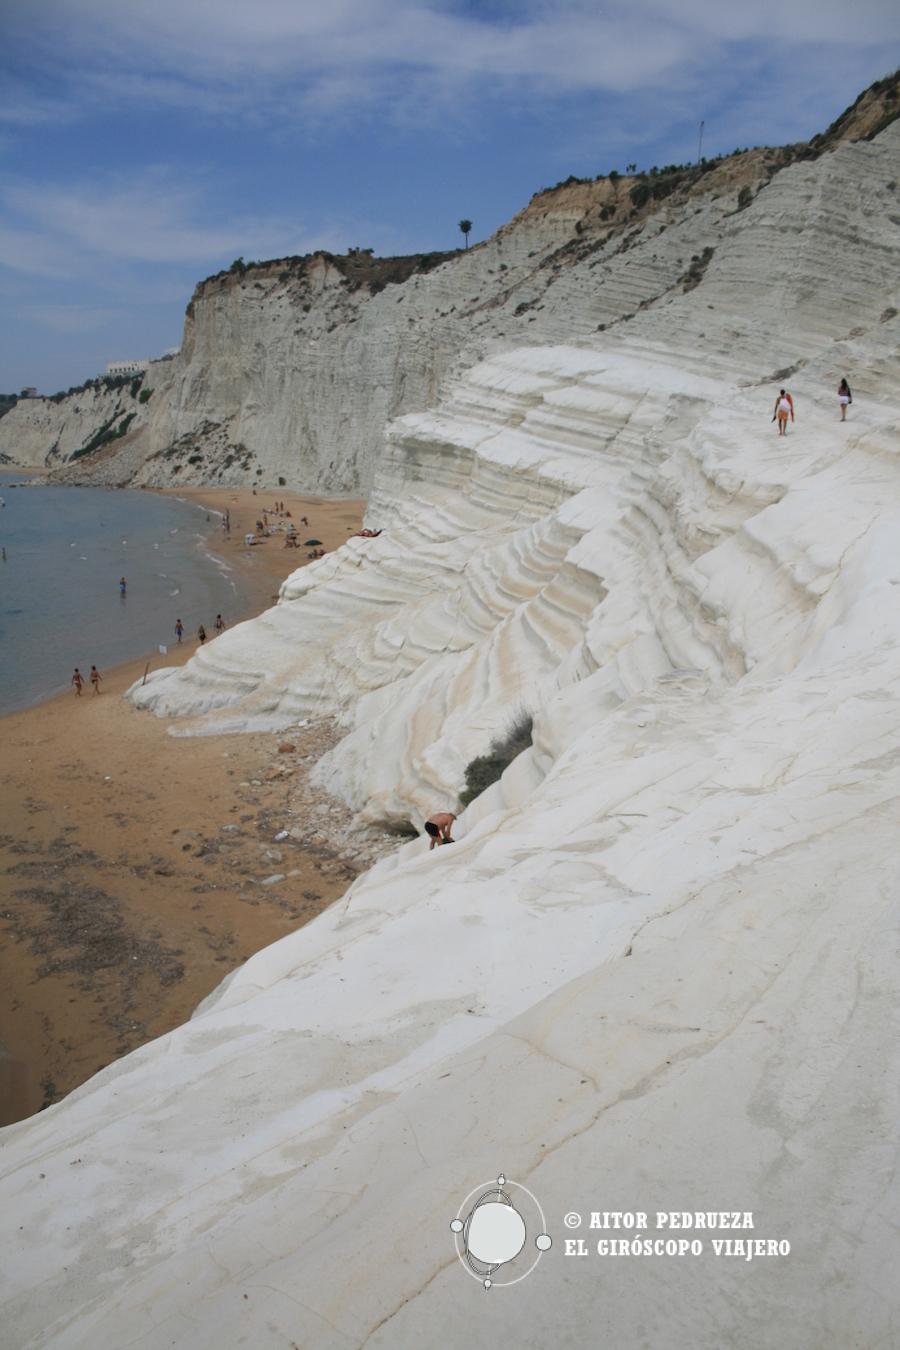 El espectacular acantilado de marga, una roca calcárea